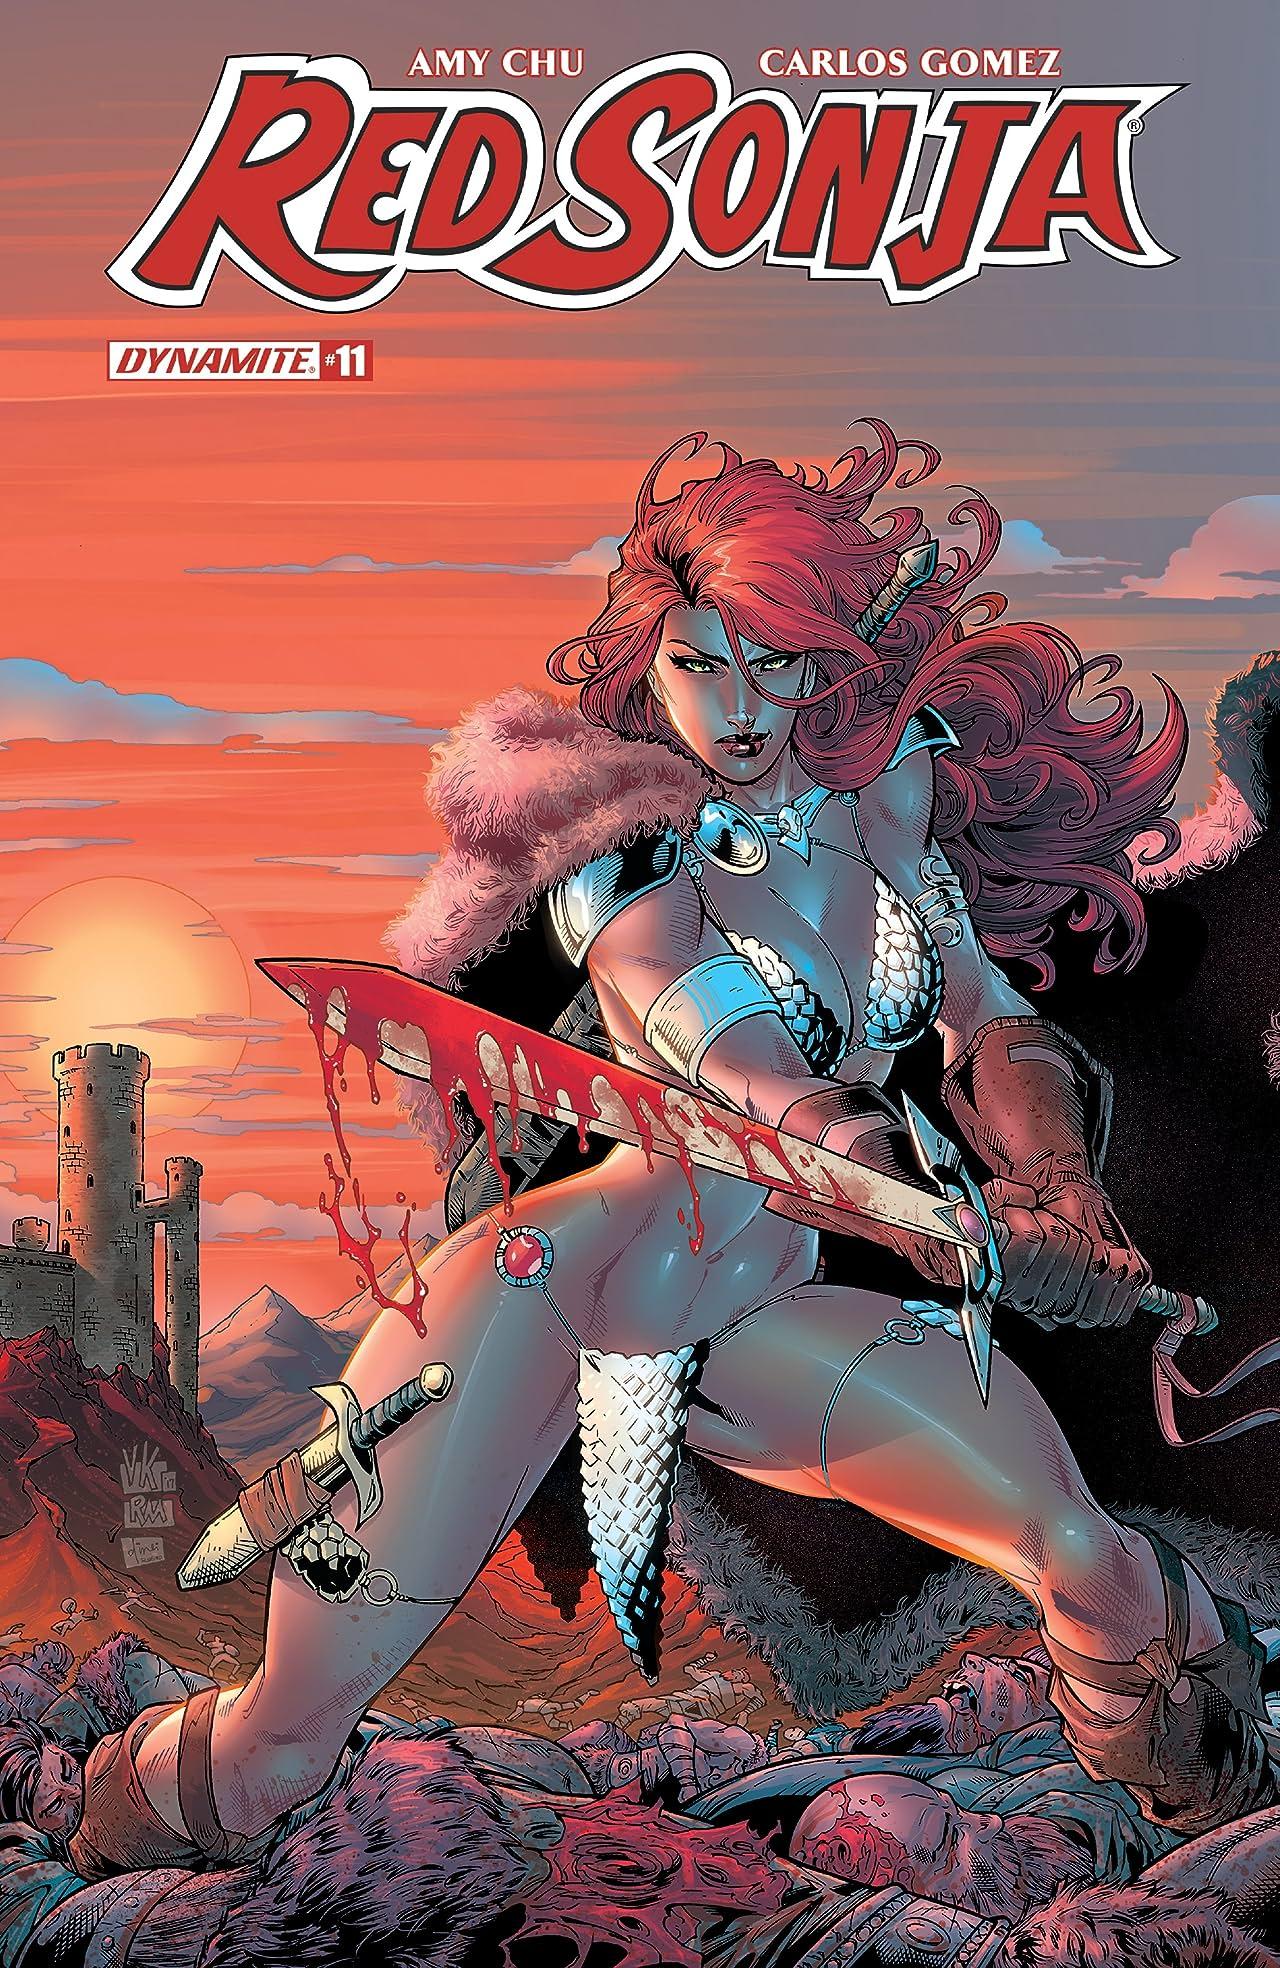 Red Sonja Vol. 4 #11